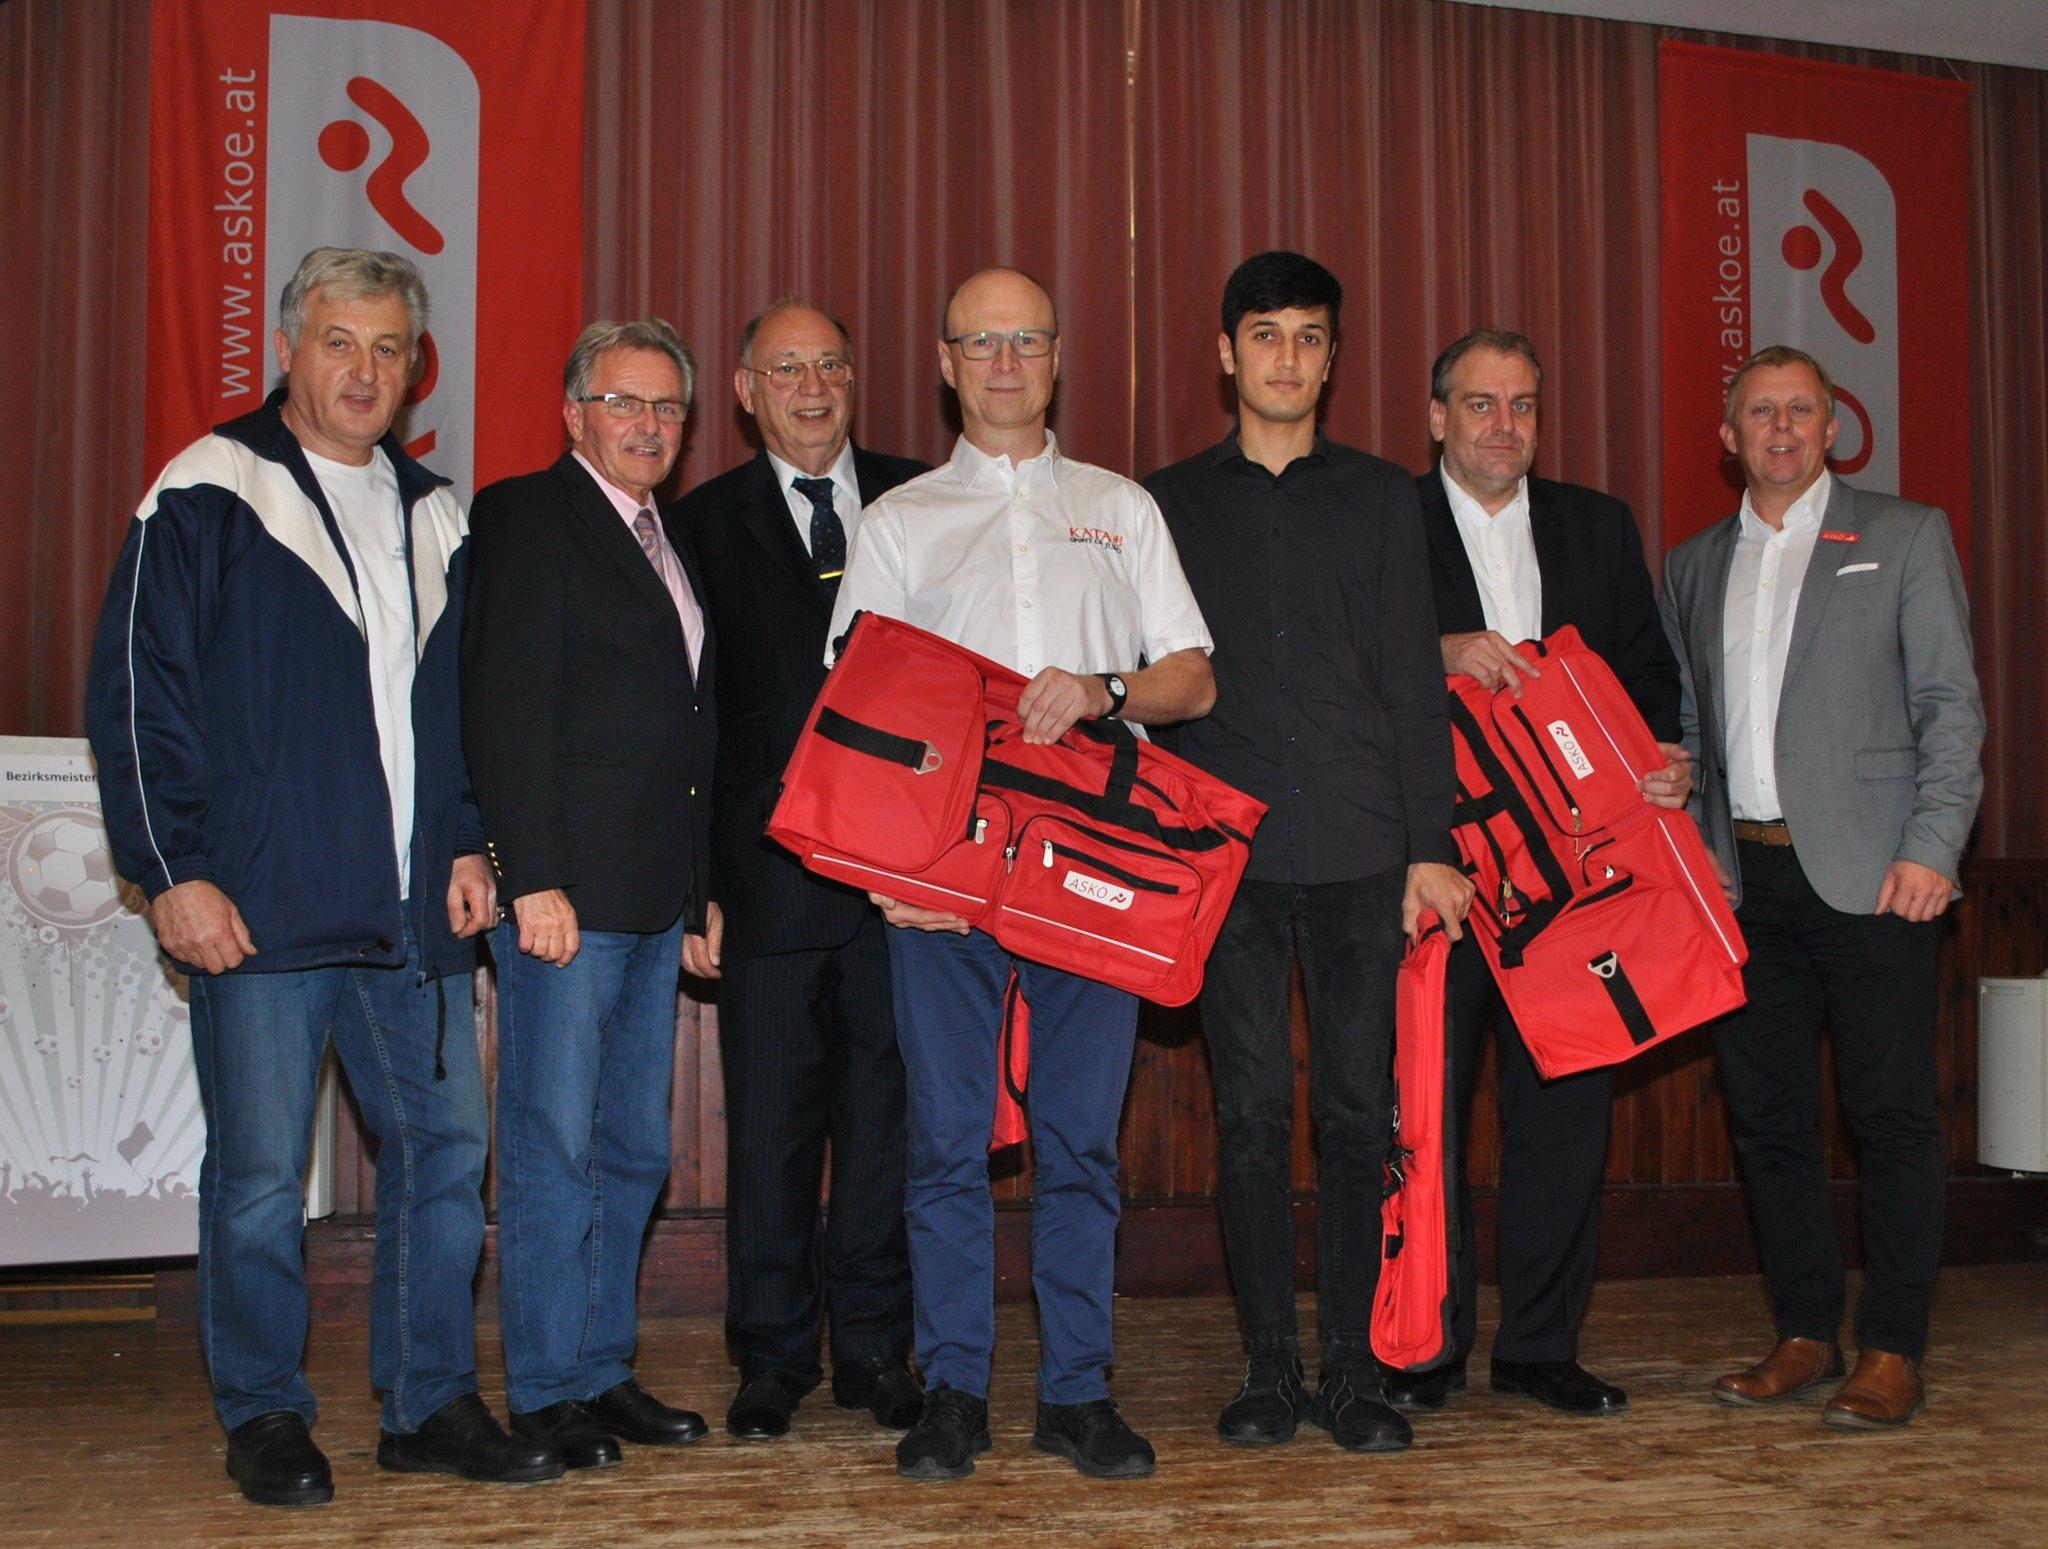 Judo: Franz Winter und Hassan Mosavi bei der ASKÖ Sportlerehrung 2019 in Trumau! - meinbezirk.at